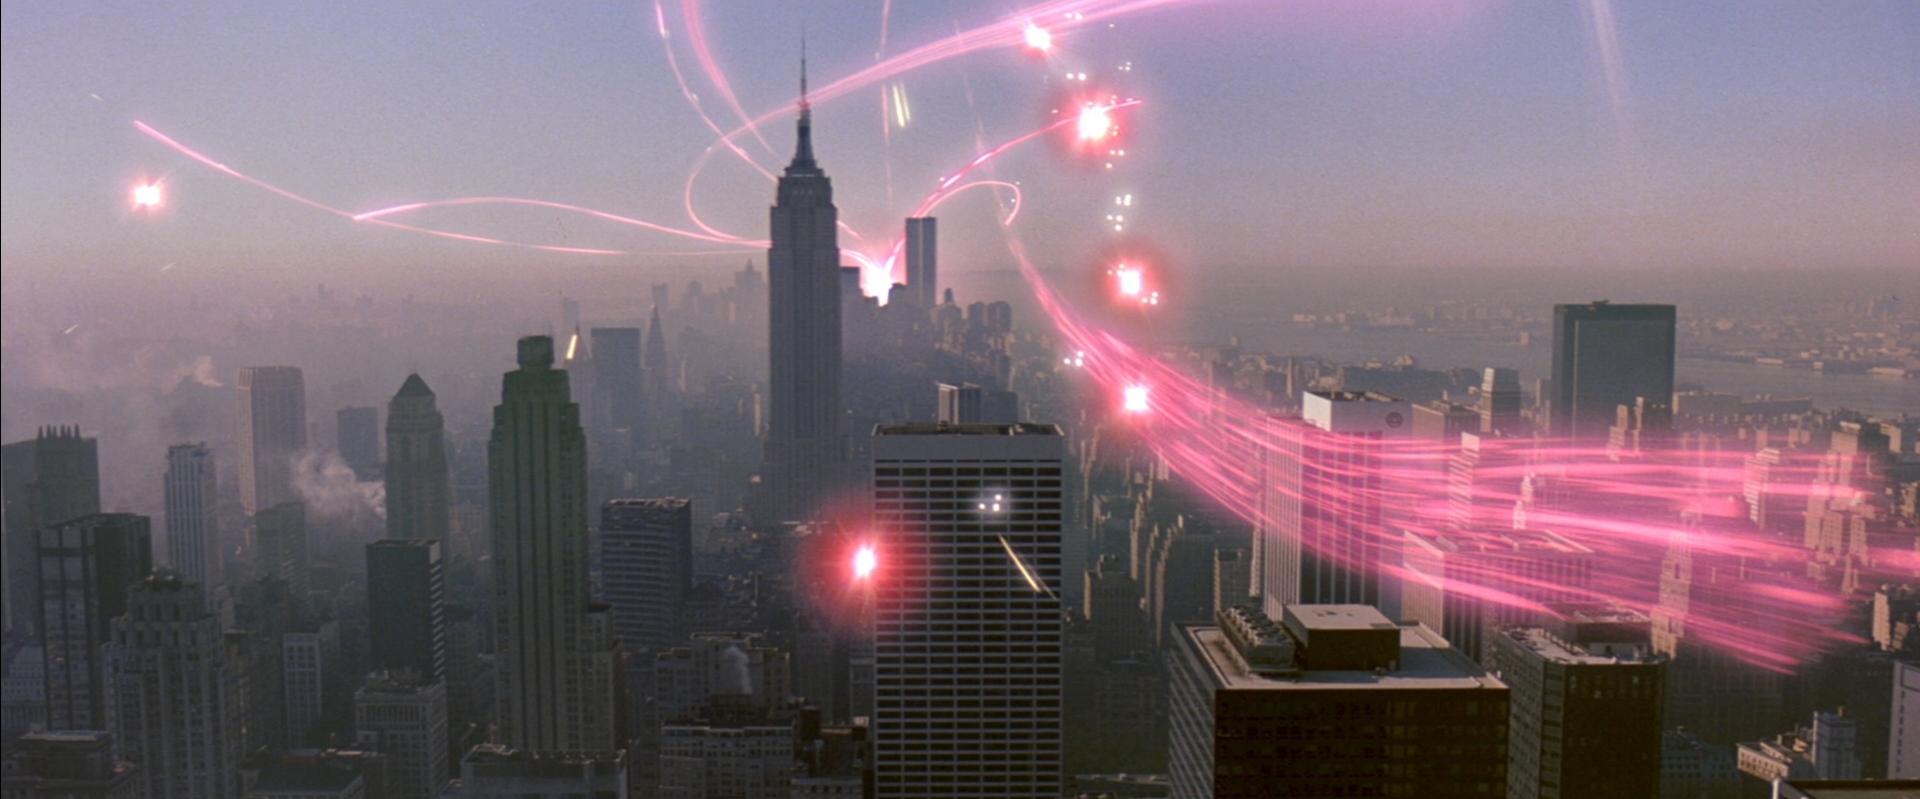 gb_newyork.jpg